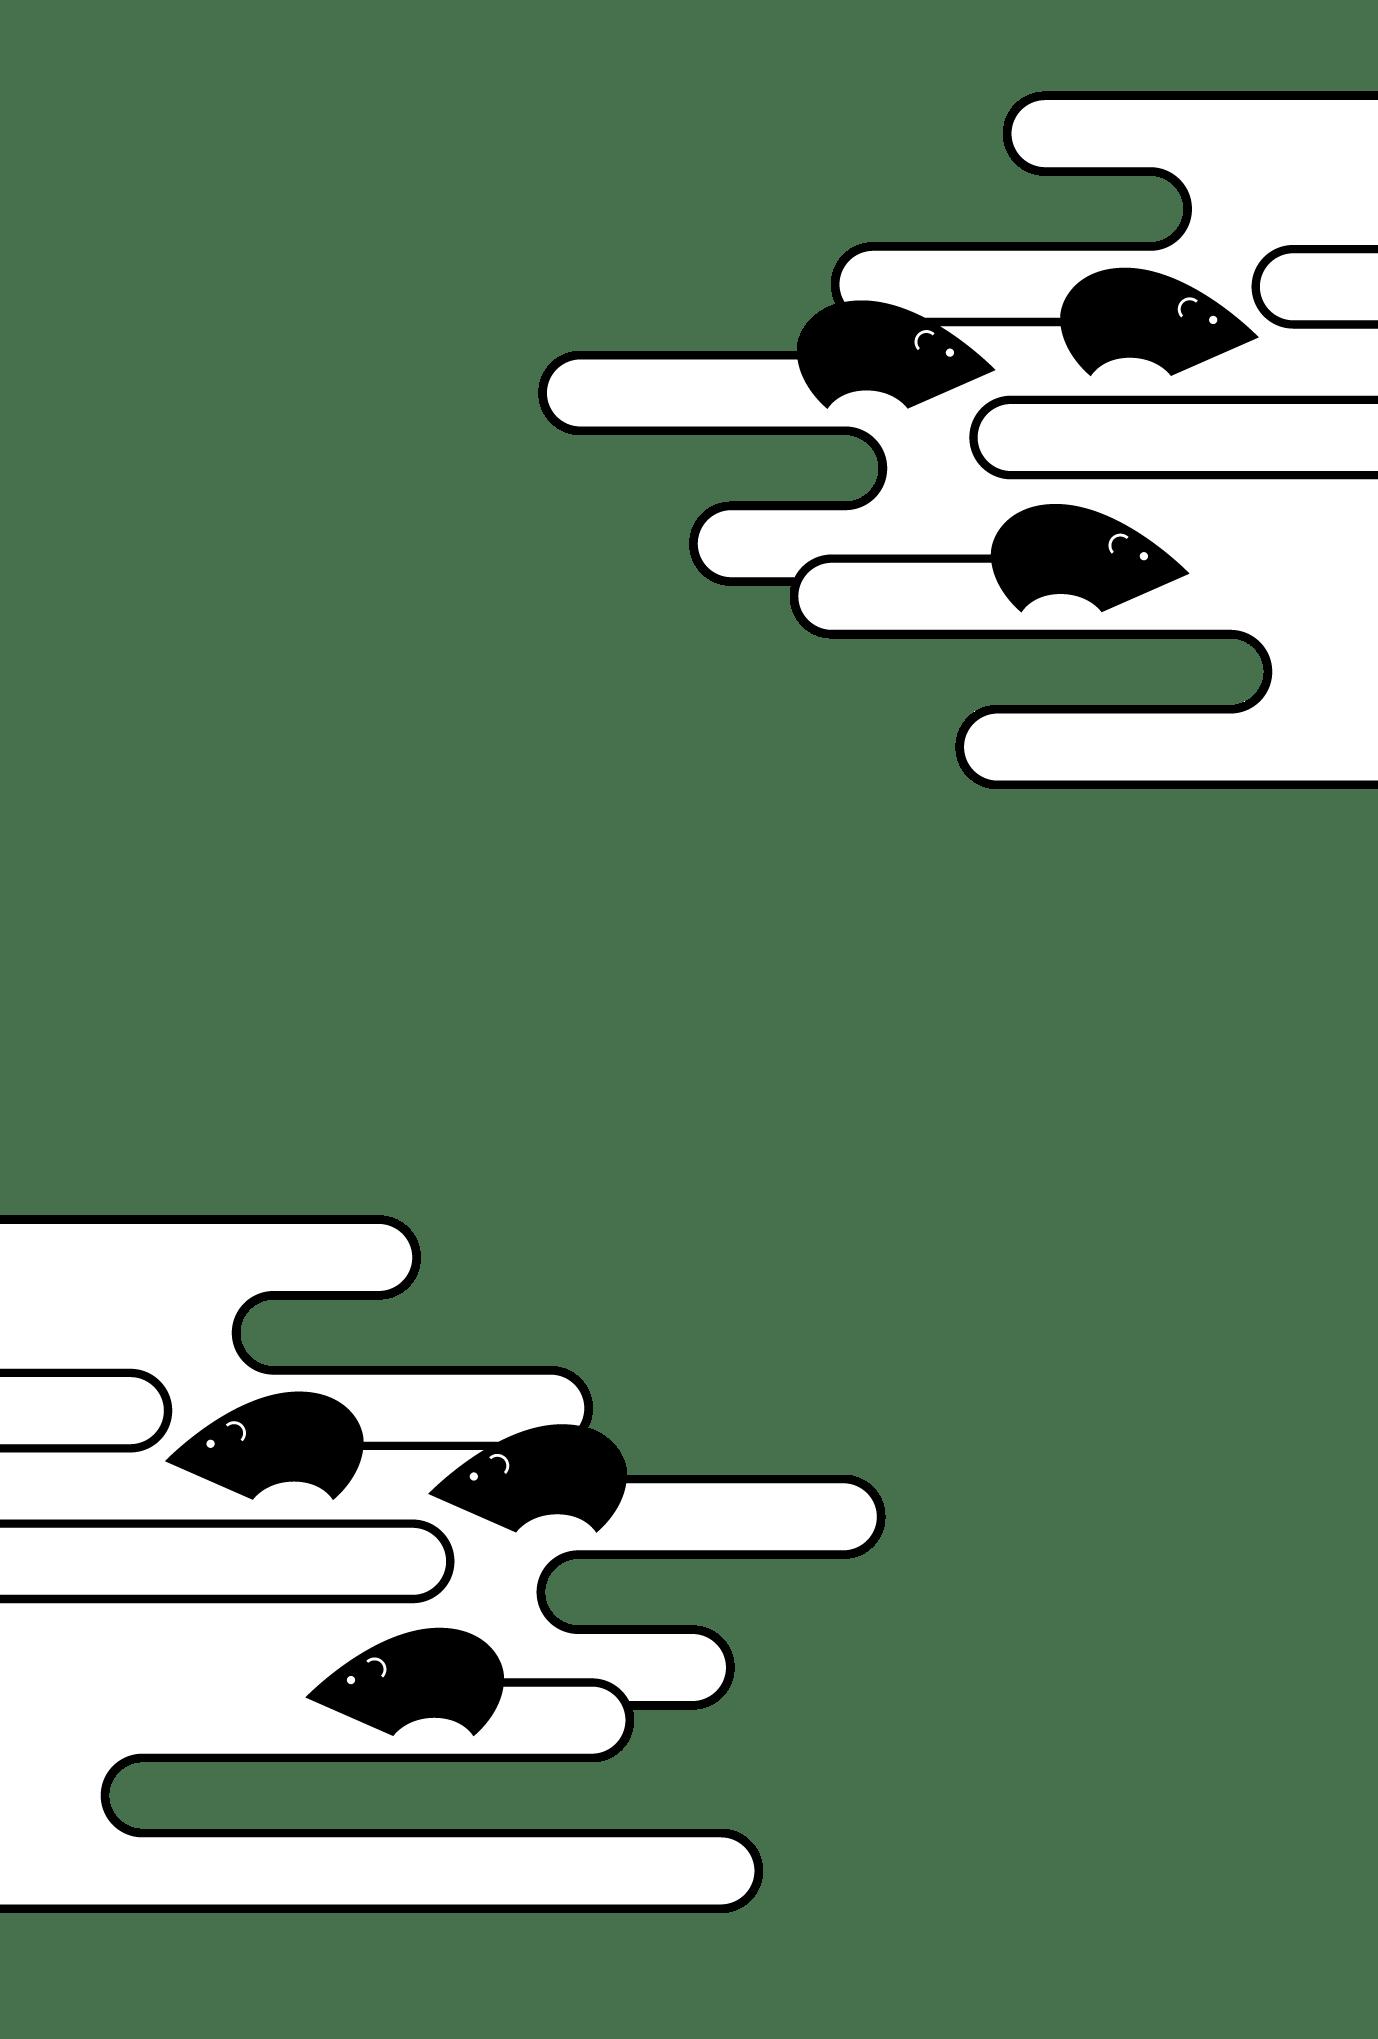 2020年賀状19-1:ネズミクラウド(透過)黒のダウンロード画像